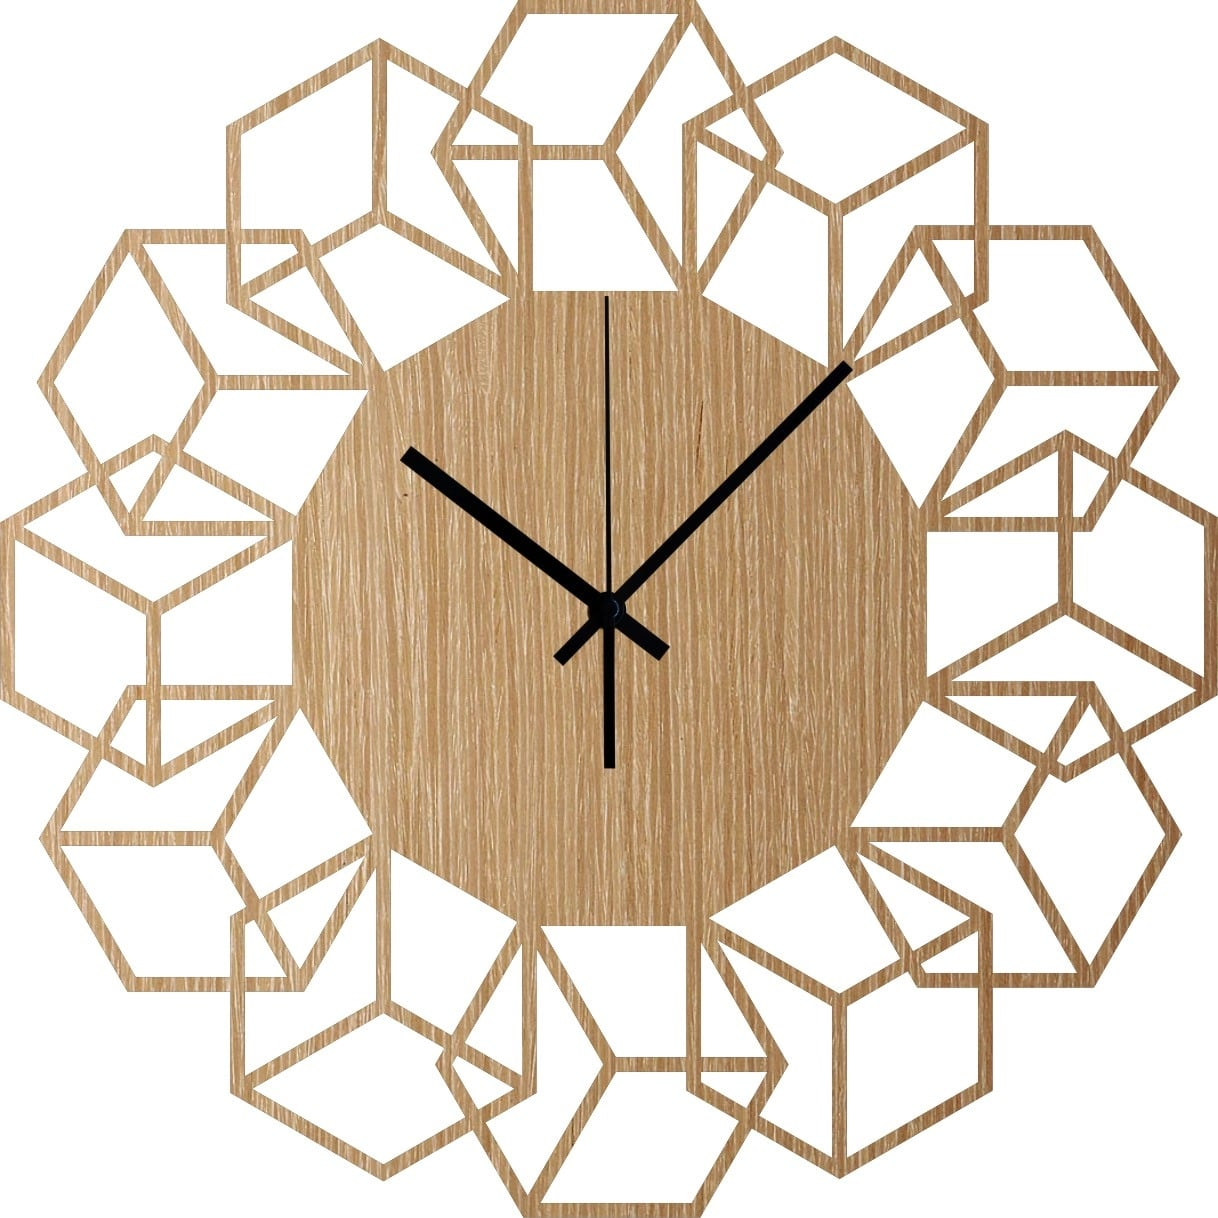 Horloge murale bois cubeflower artwall and co for Horloge murale bois moderne